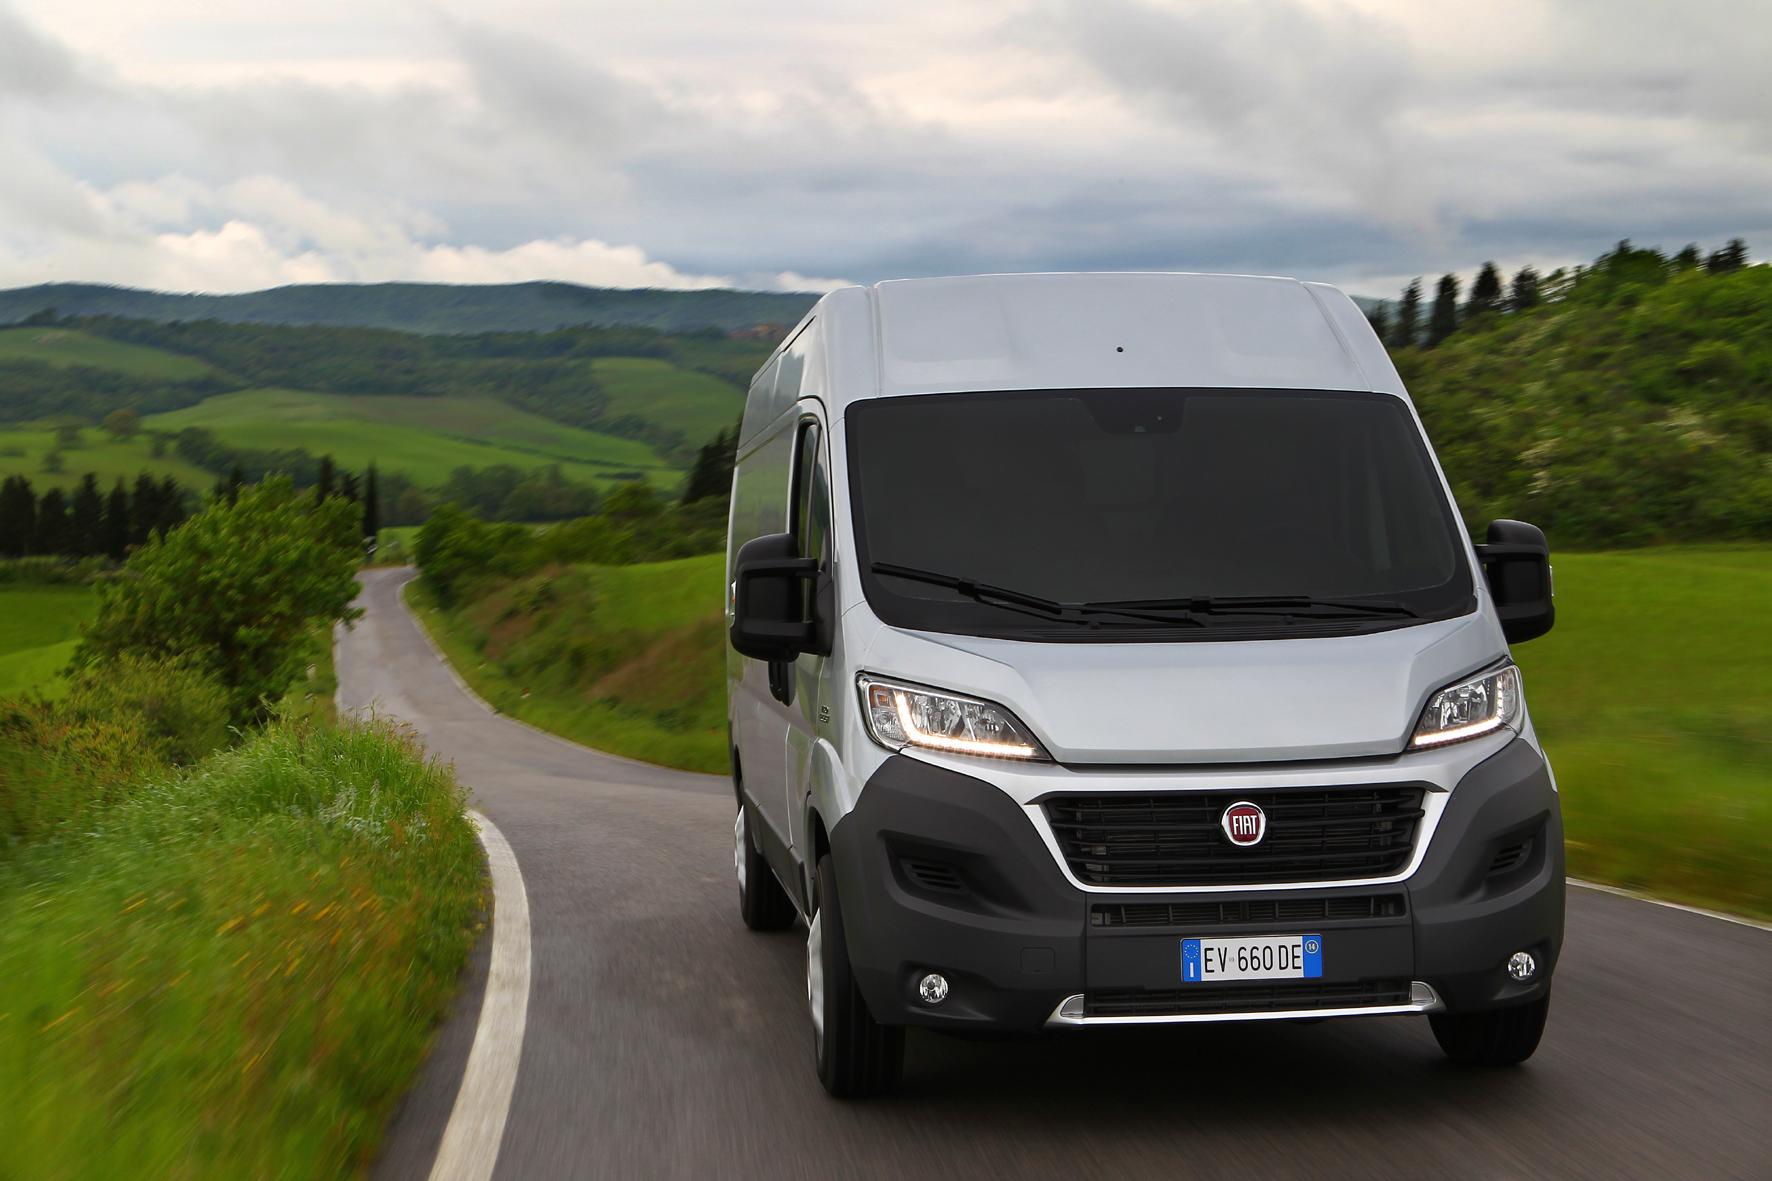 Fiat Ducato jetzt auch als Erdgas-Transporter